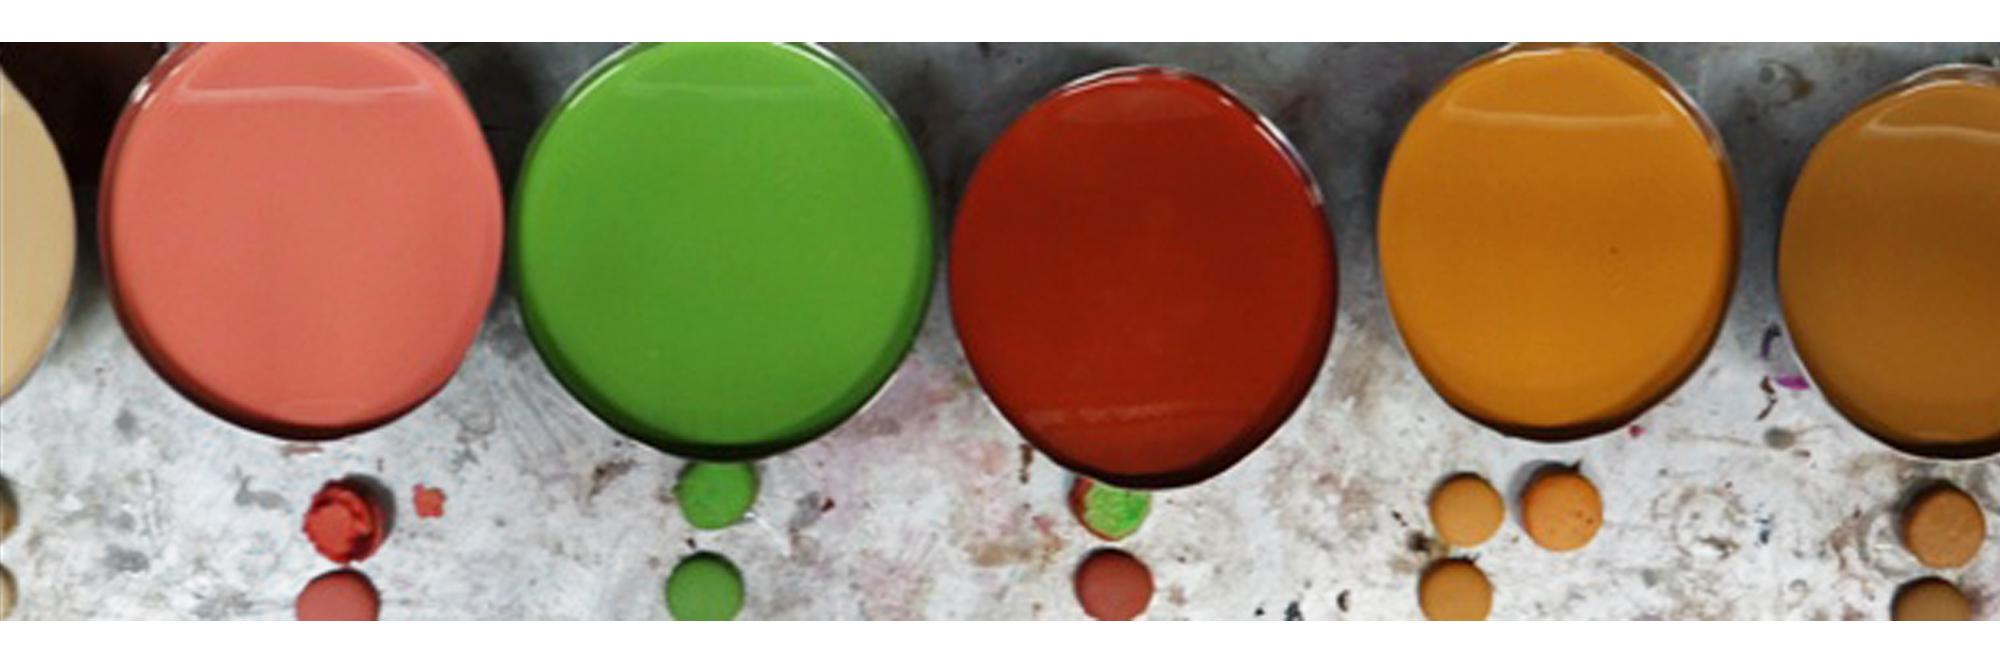 recherche des teintes sur-mesure des macarons factices de l'atelier Cobalt Fx par rapport aux produits frais des clients